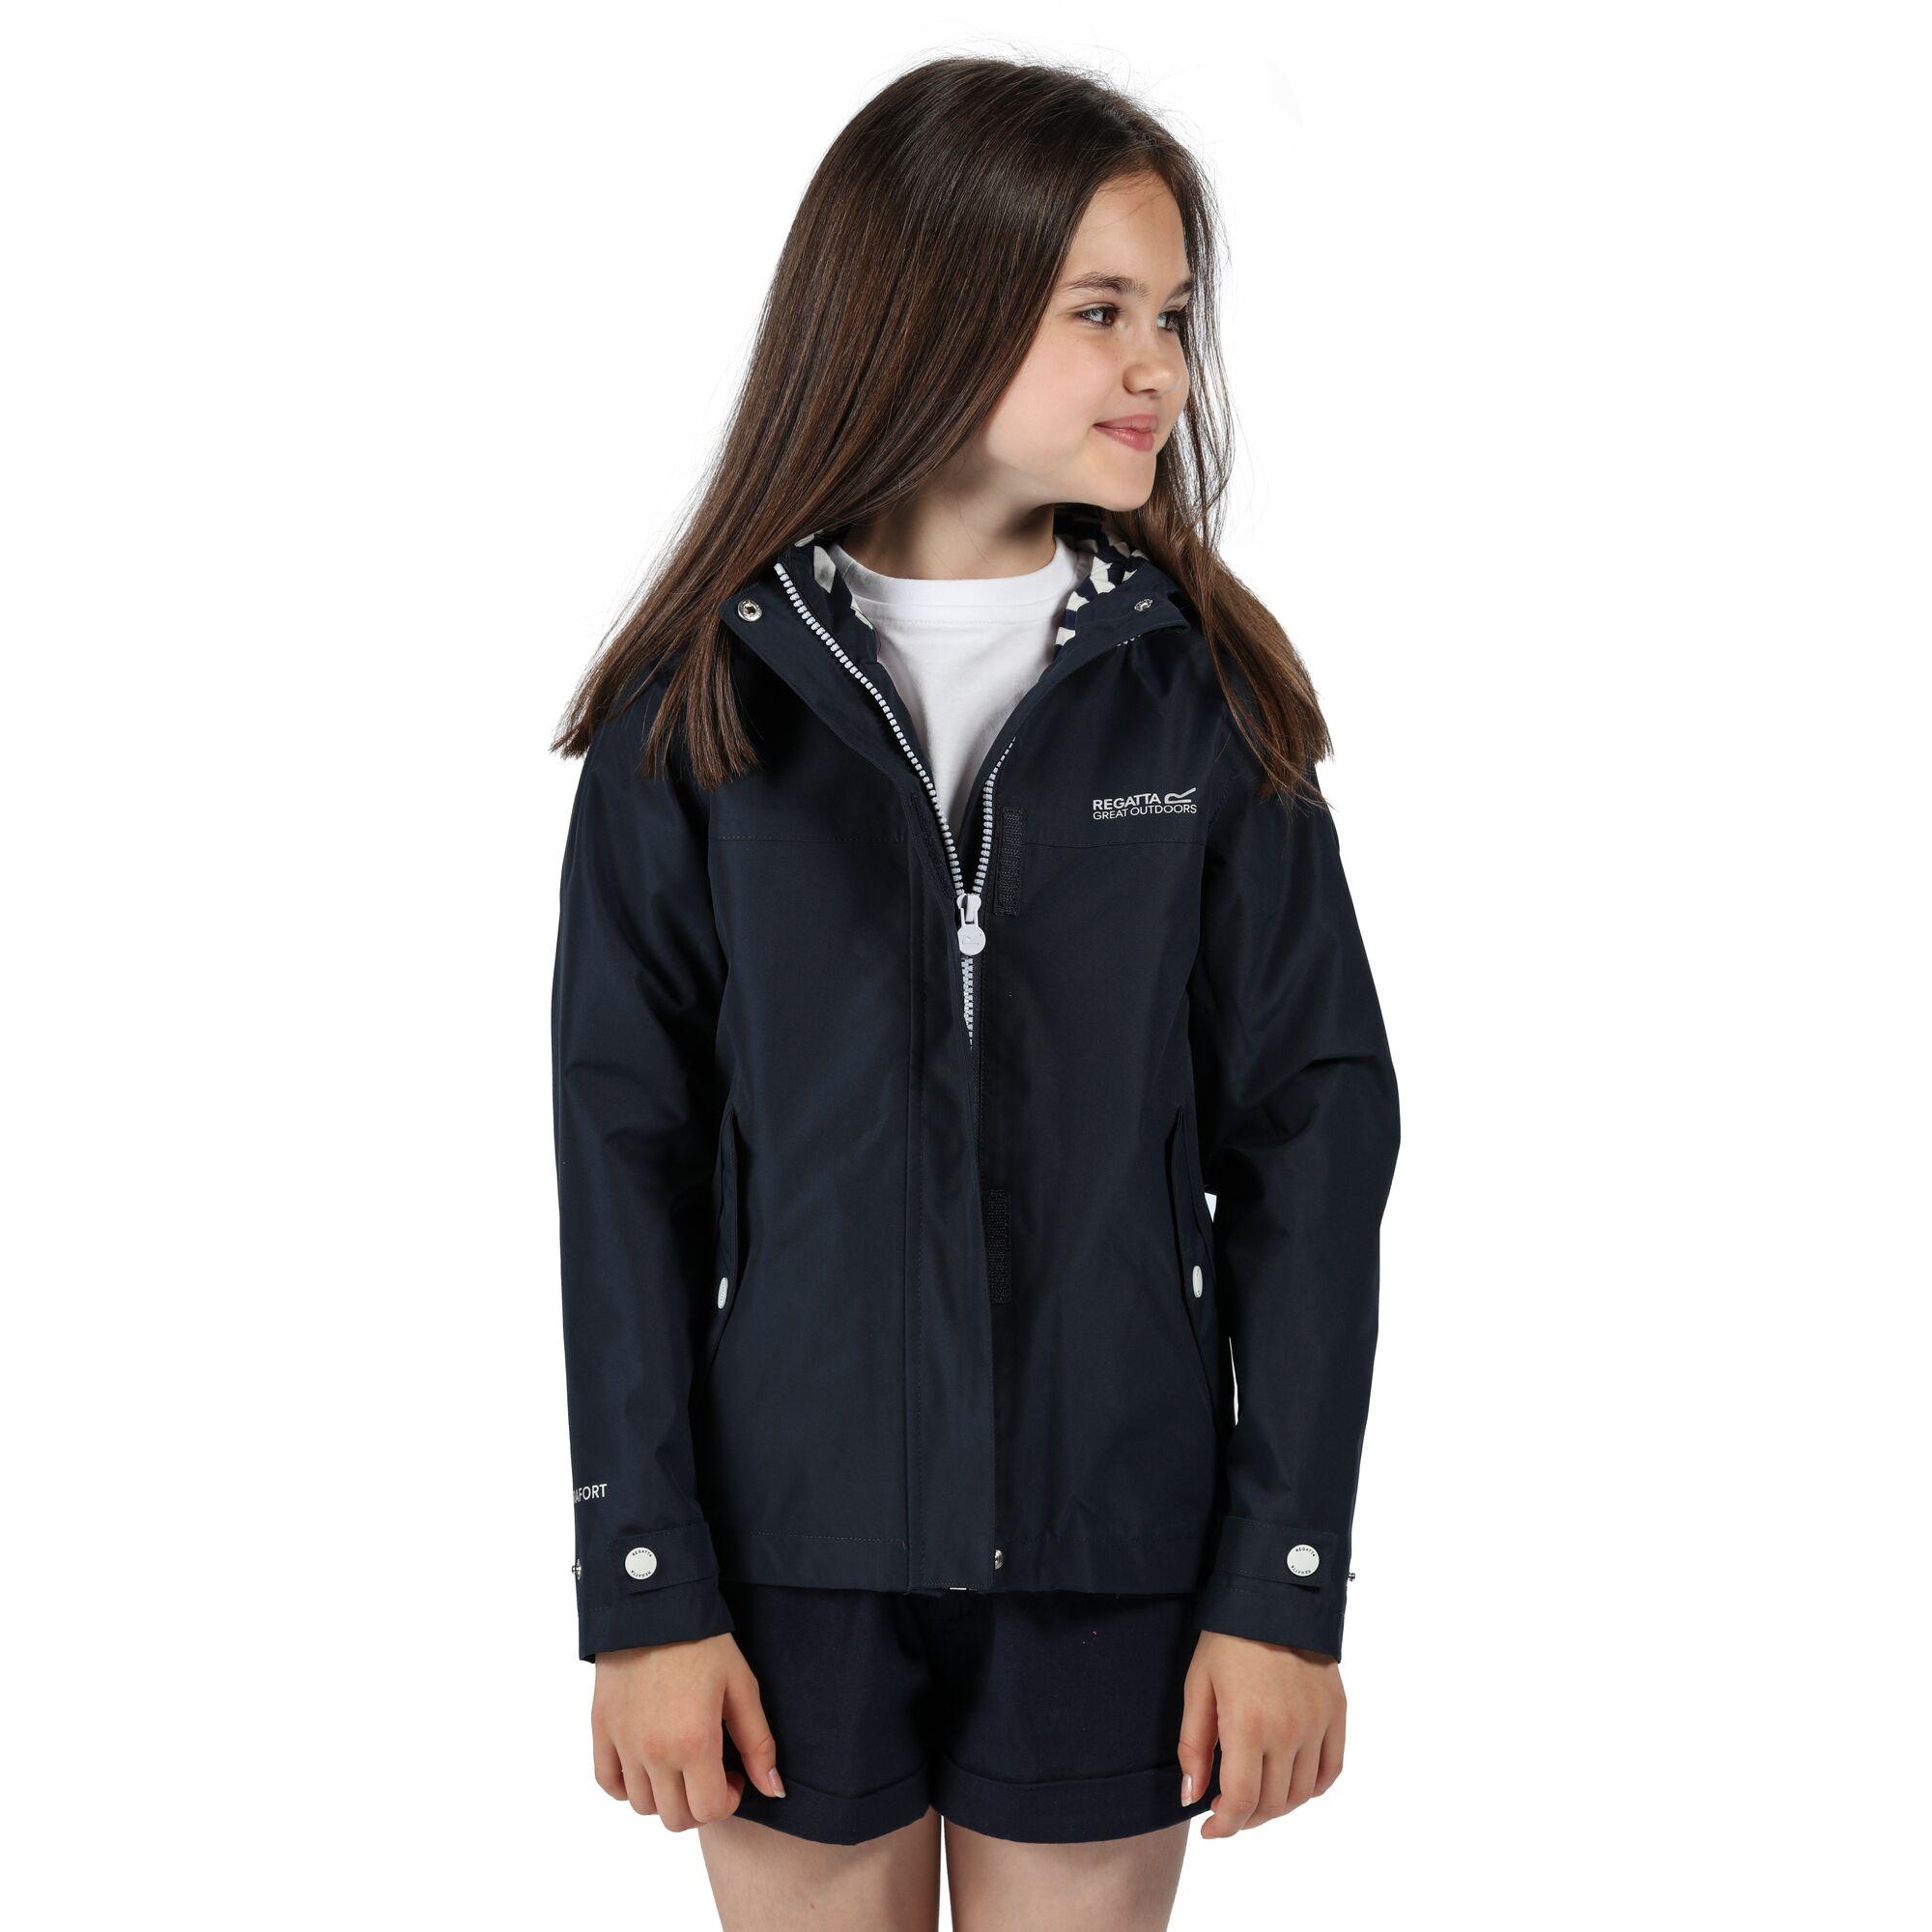 Child wearing a navy waterproof jacket.